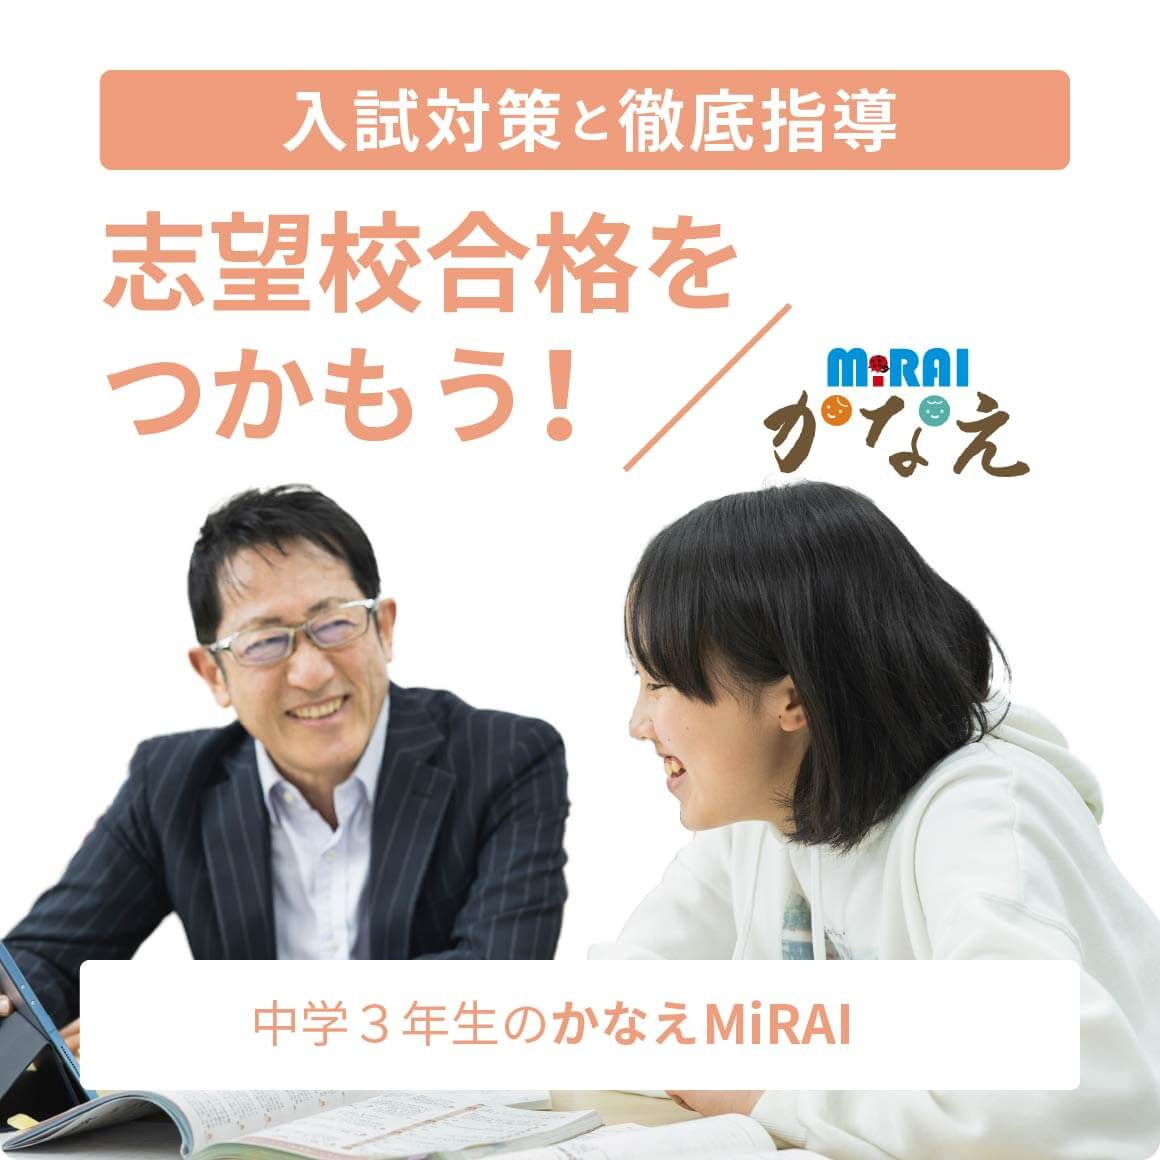 中学生のかなえMiRAI 夢と目標をかなえる入試対策とプロ指導でつかもう!合格!!つなげよう!未来の夢!!